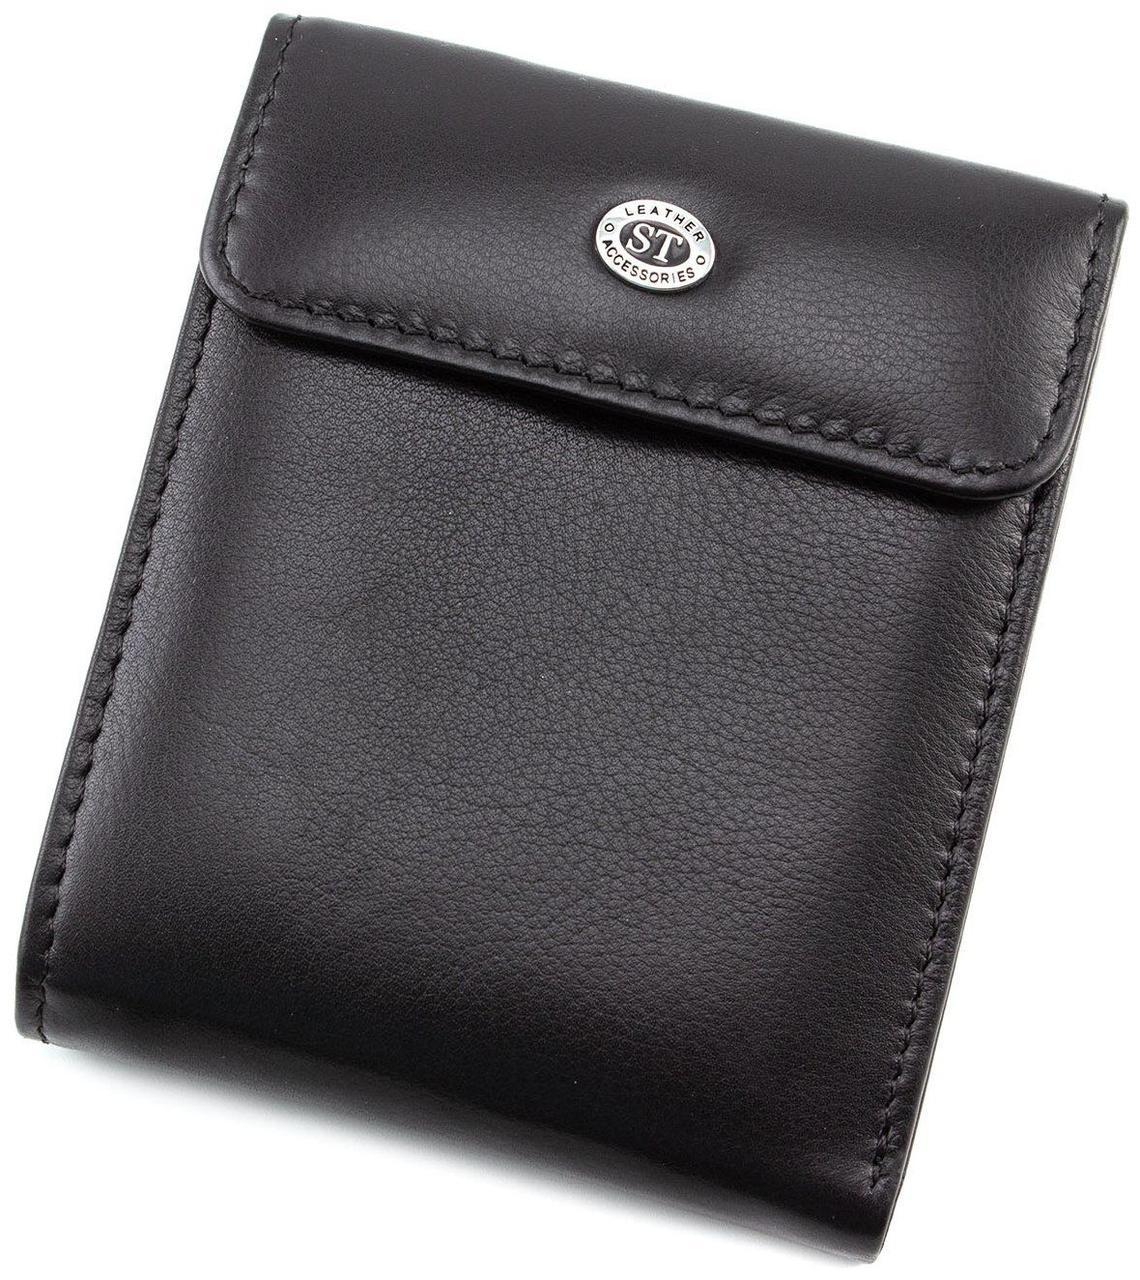 Кошелек мужской ST Leather ST155 Черный